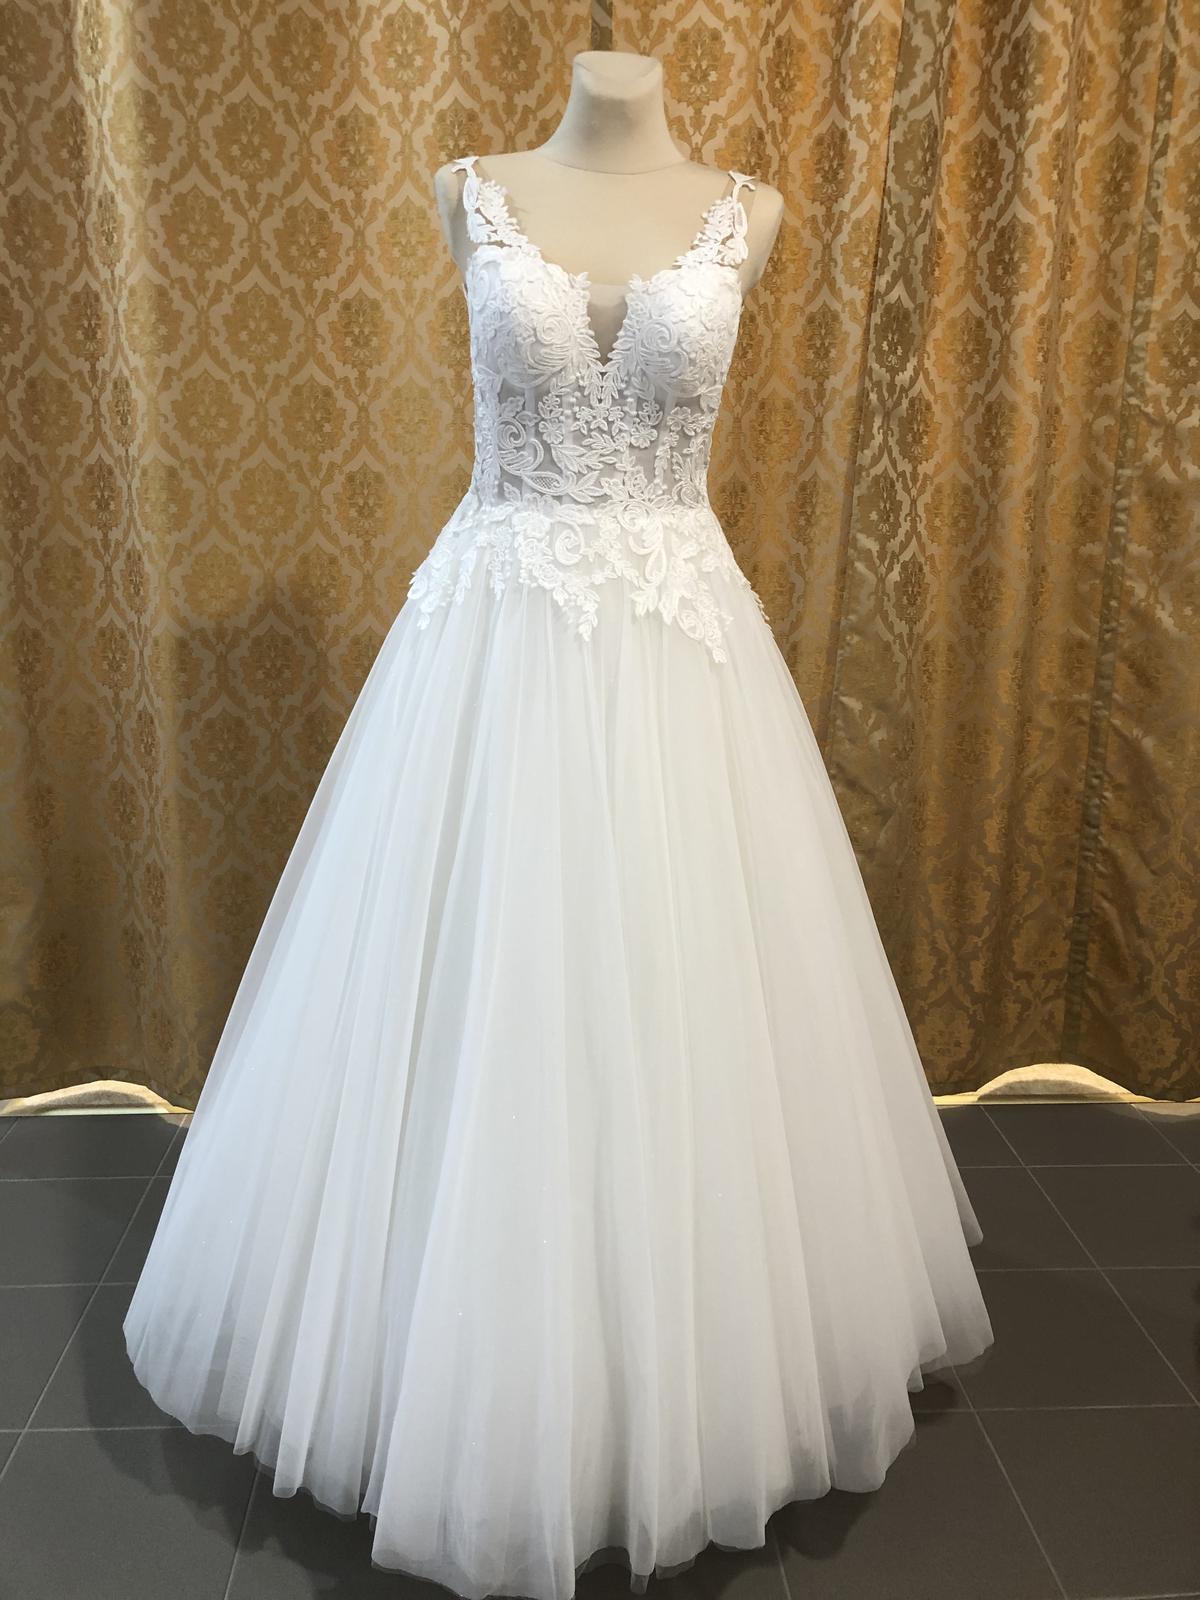 Svatební šaty Vanessa 38-42 - Obrázek č. 1